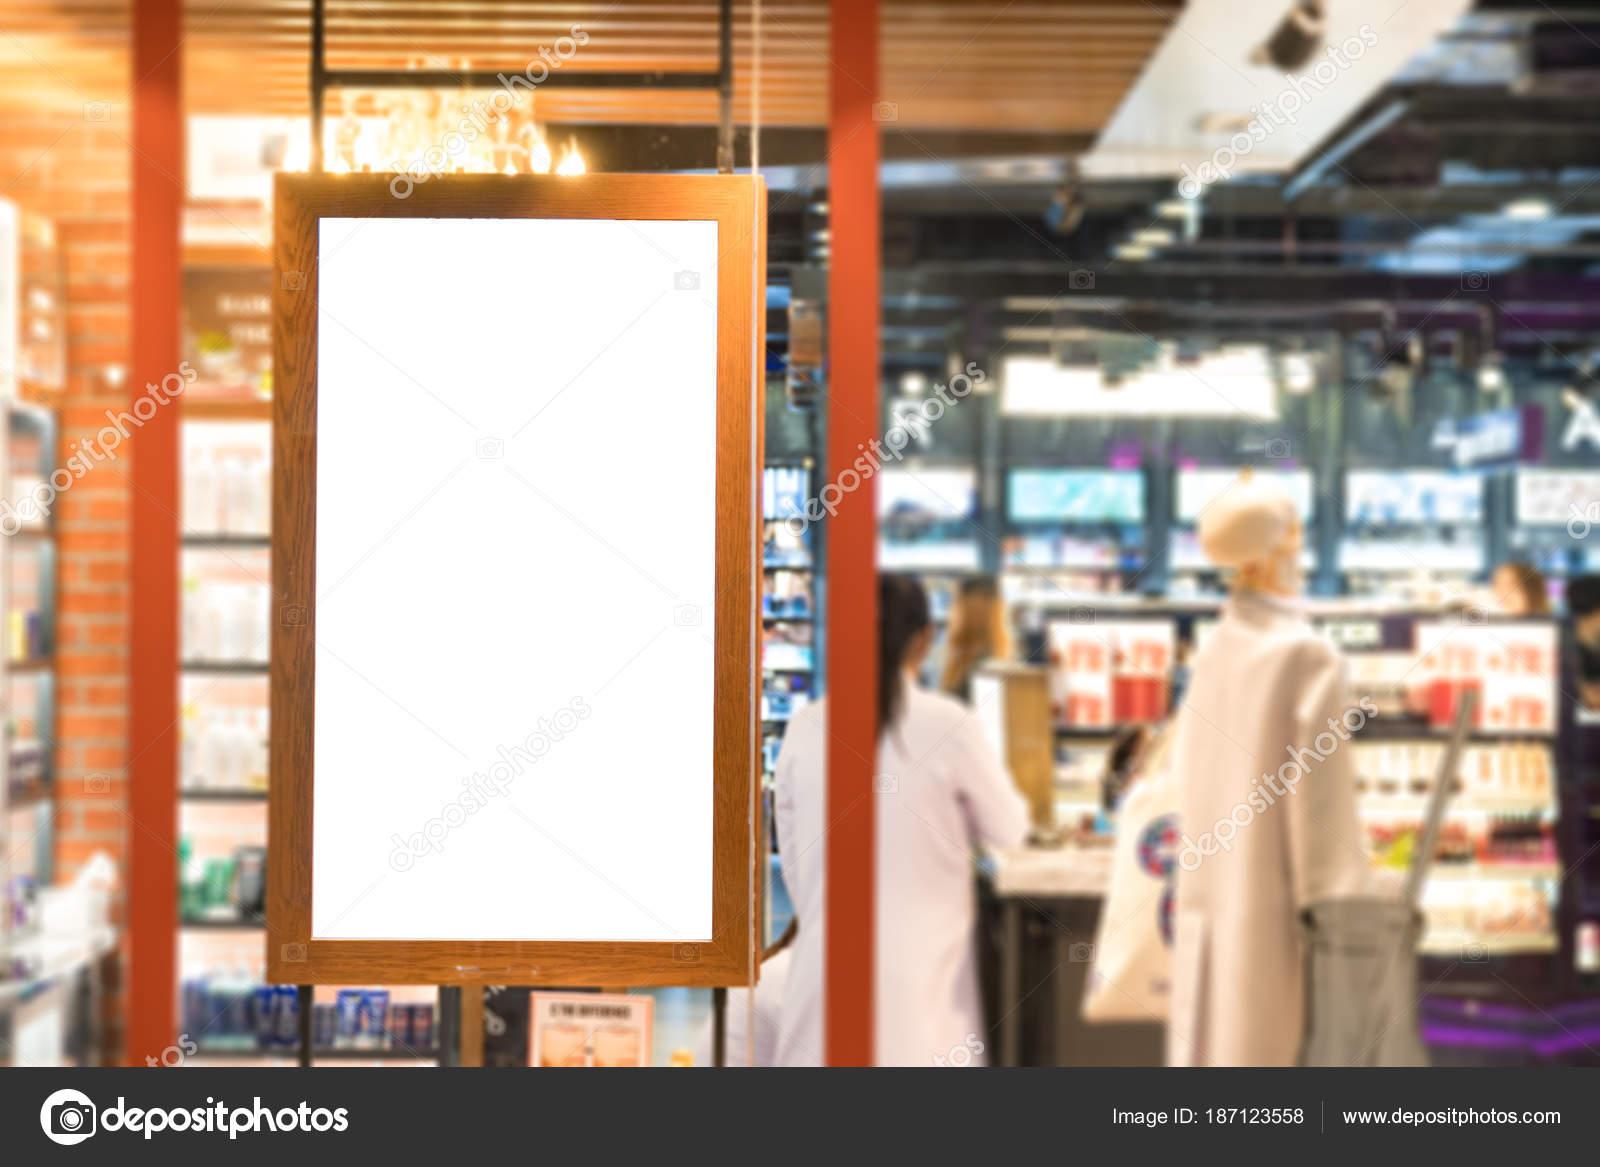 marco de madera vacía cartel Visualiza en la ventana de cristal en ...